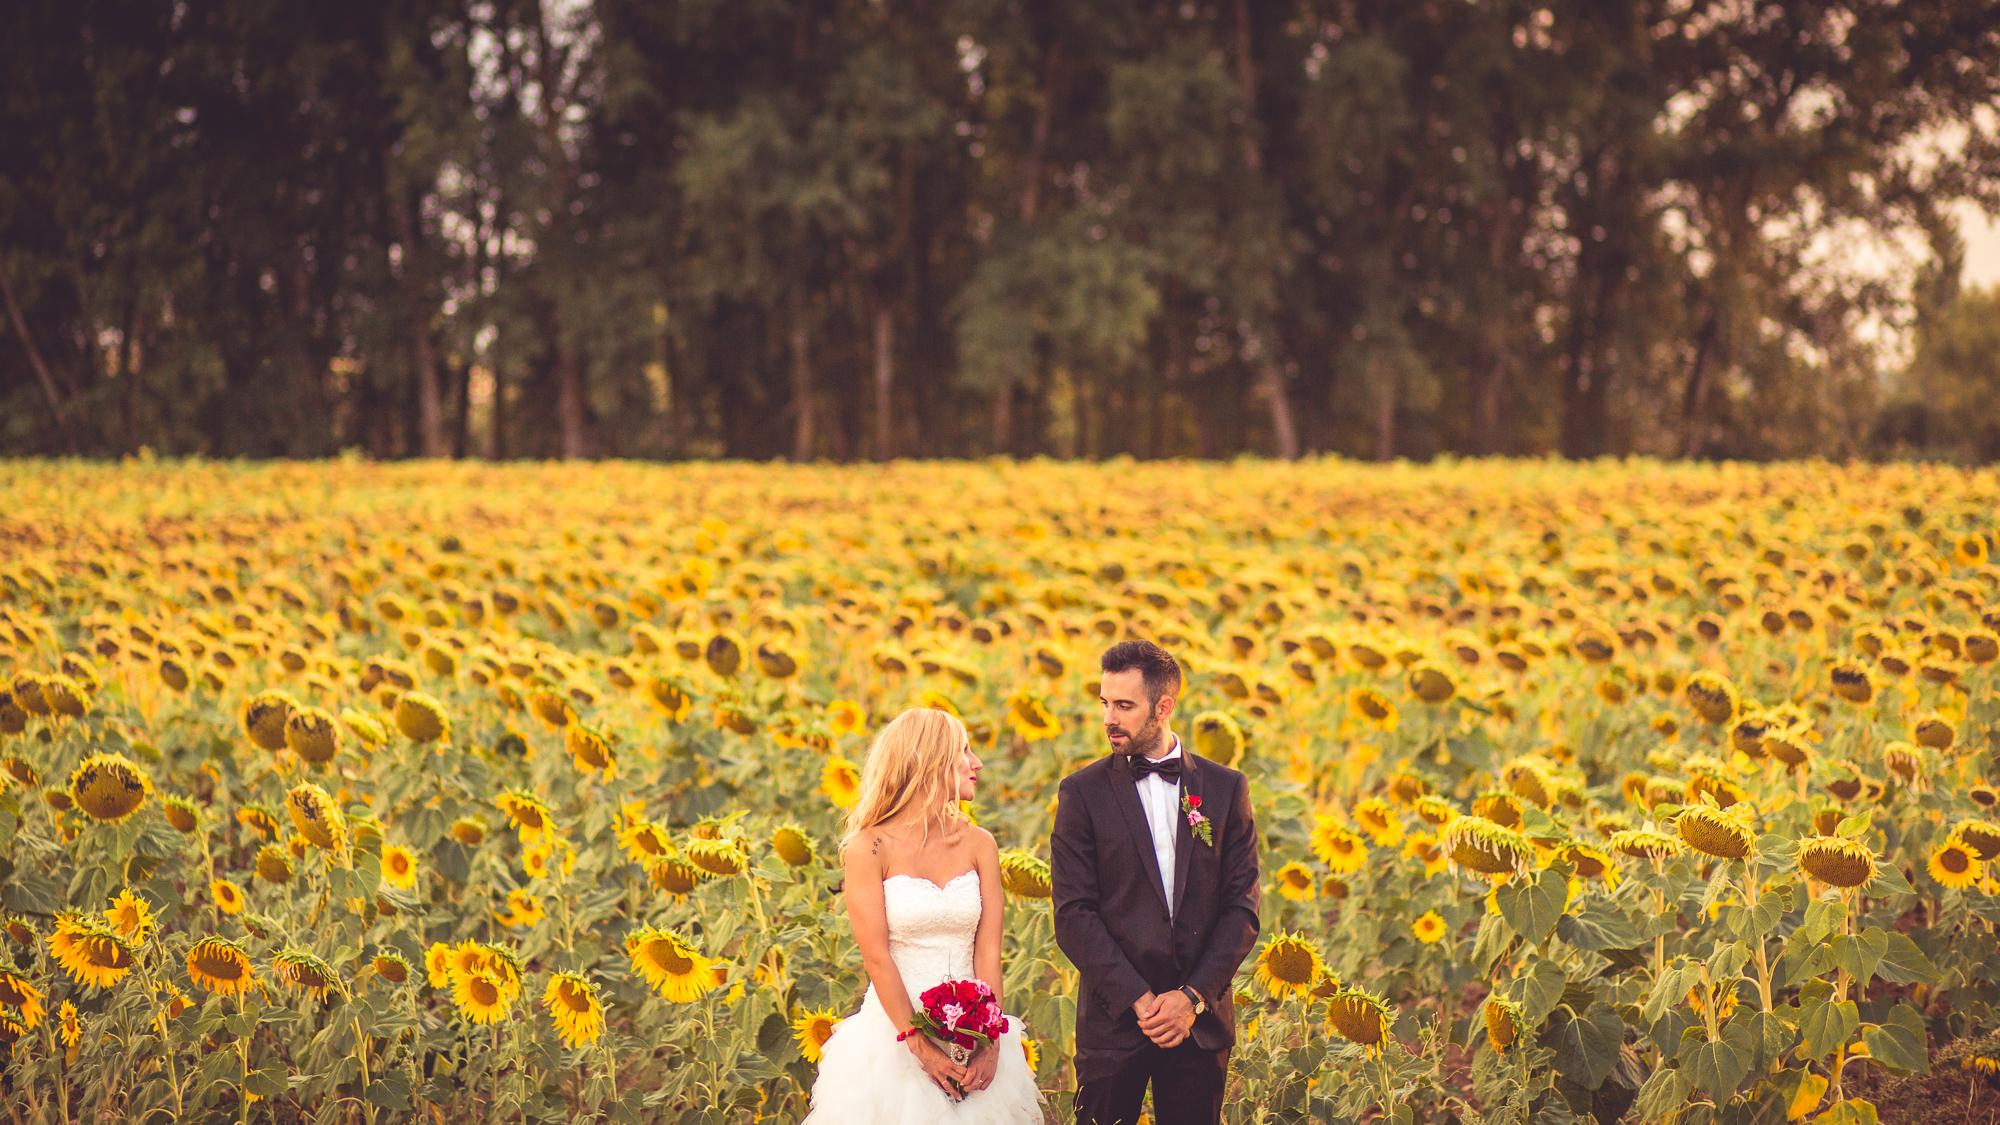 Bodas en Extremadura, Bodas en Madrid, Fotógrafo de Bodas, Fotografía de Bodas, Reportajes de boda